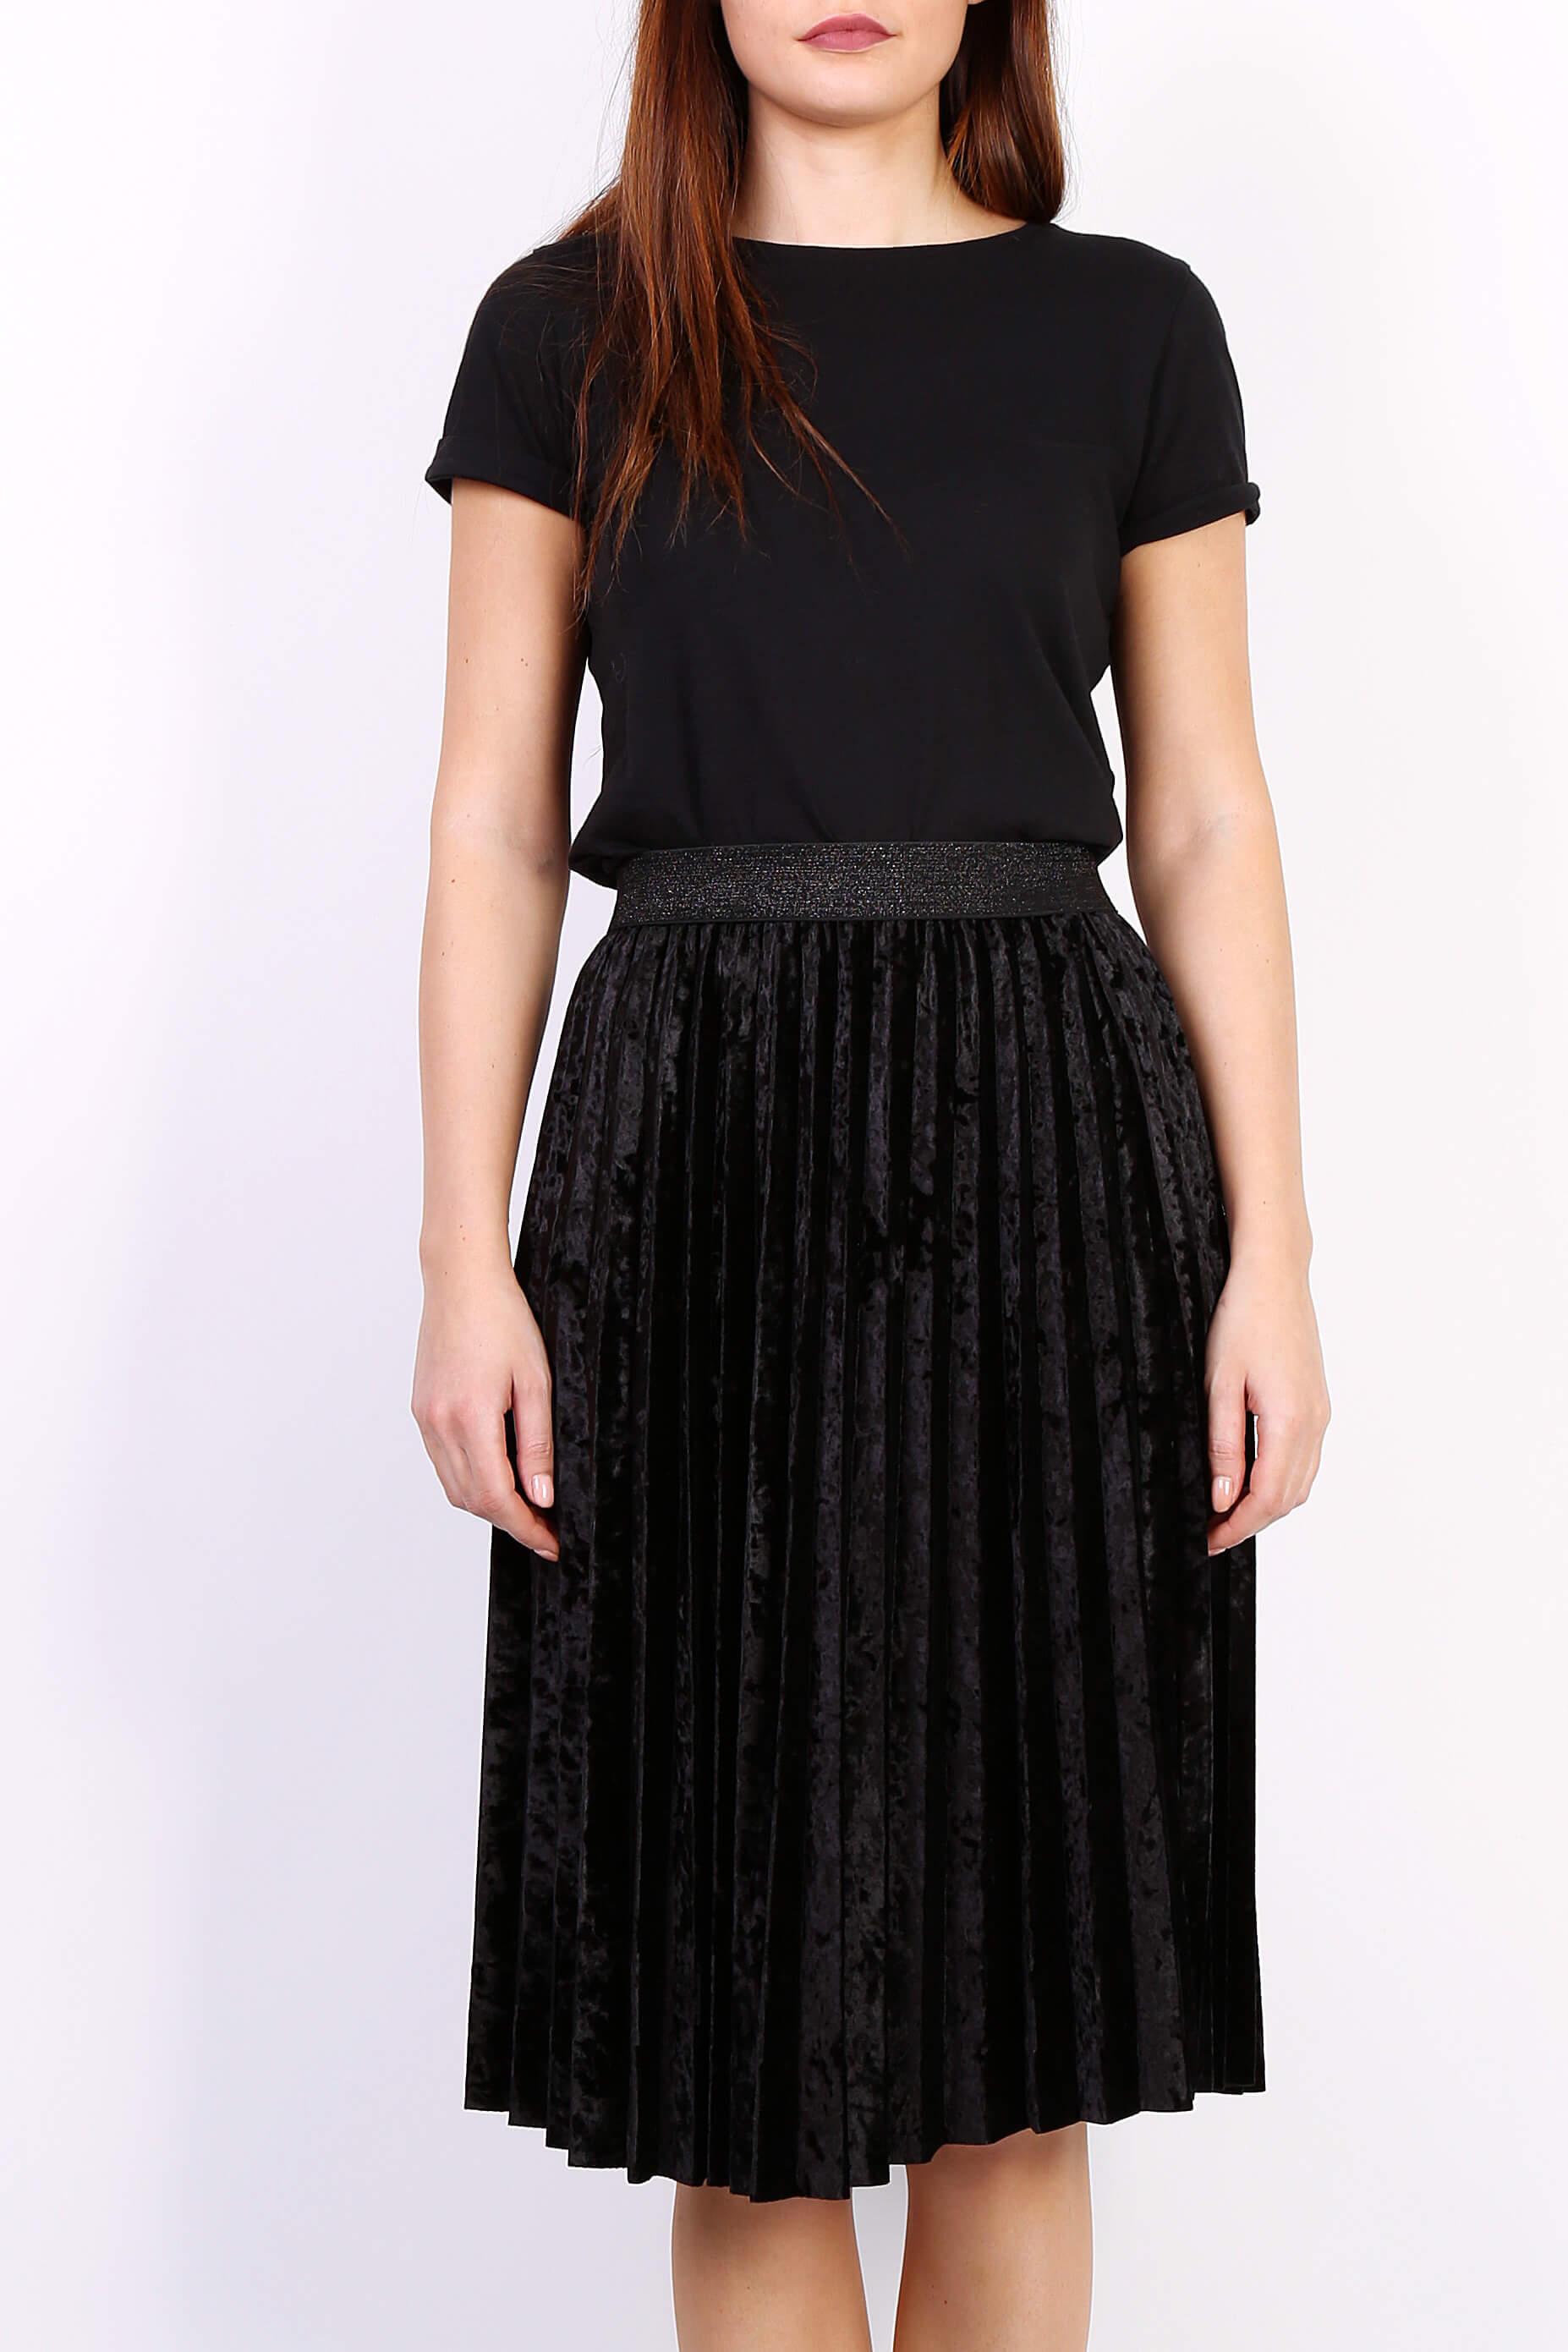 07946361ace5 Čierna plisovaná stredne dlhá sukňa - ROUZIT.SK